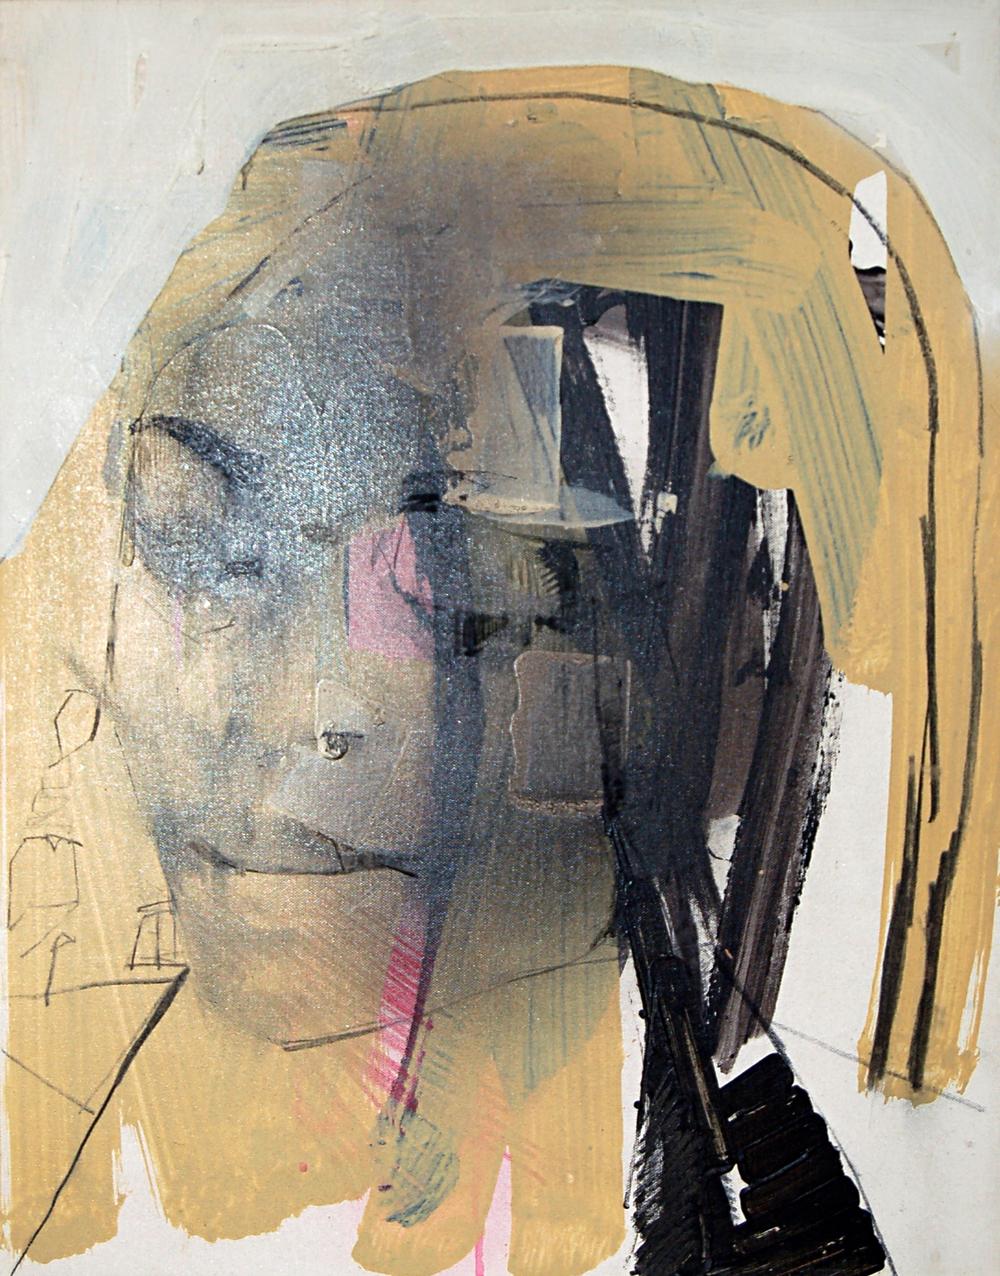 FranciscoNunez,Modelo de Spencer Tone, Mixed Media on Canvas, 2008, 48 x 62cm